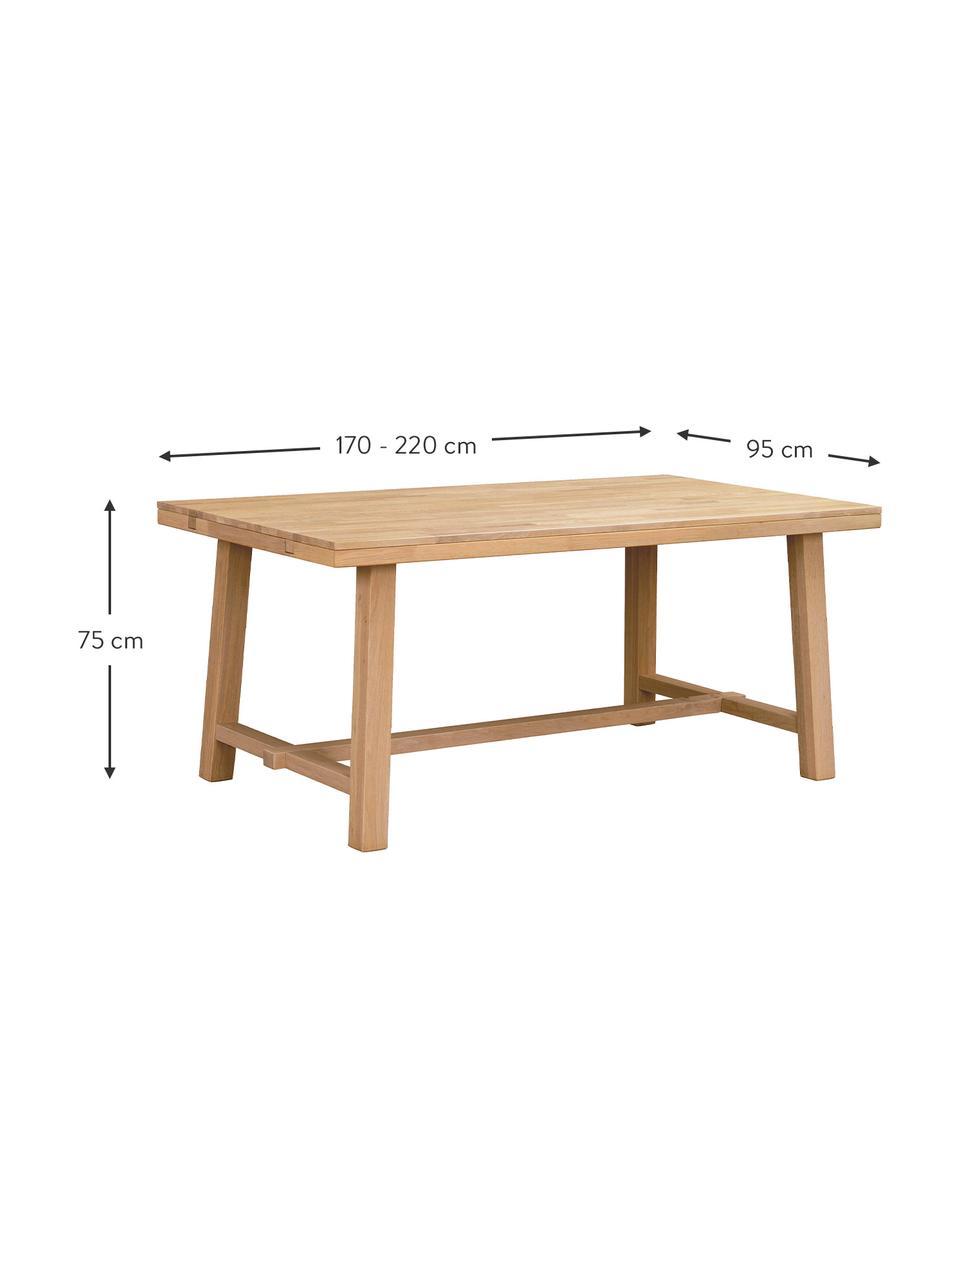 Tavolo allungabile in legno massello Brooklyn, Legno di quercia massello, spazzolato e verniciato trasparente, Legno di quercia, Larg. 170 a 220 x Prof. 95 cm